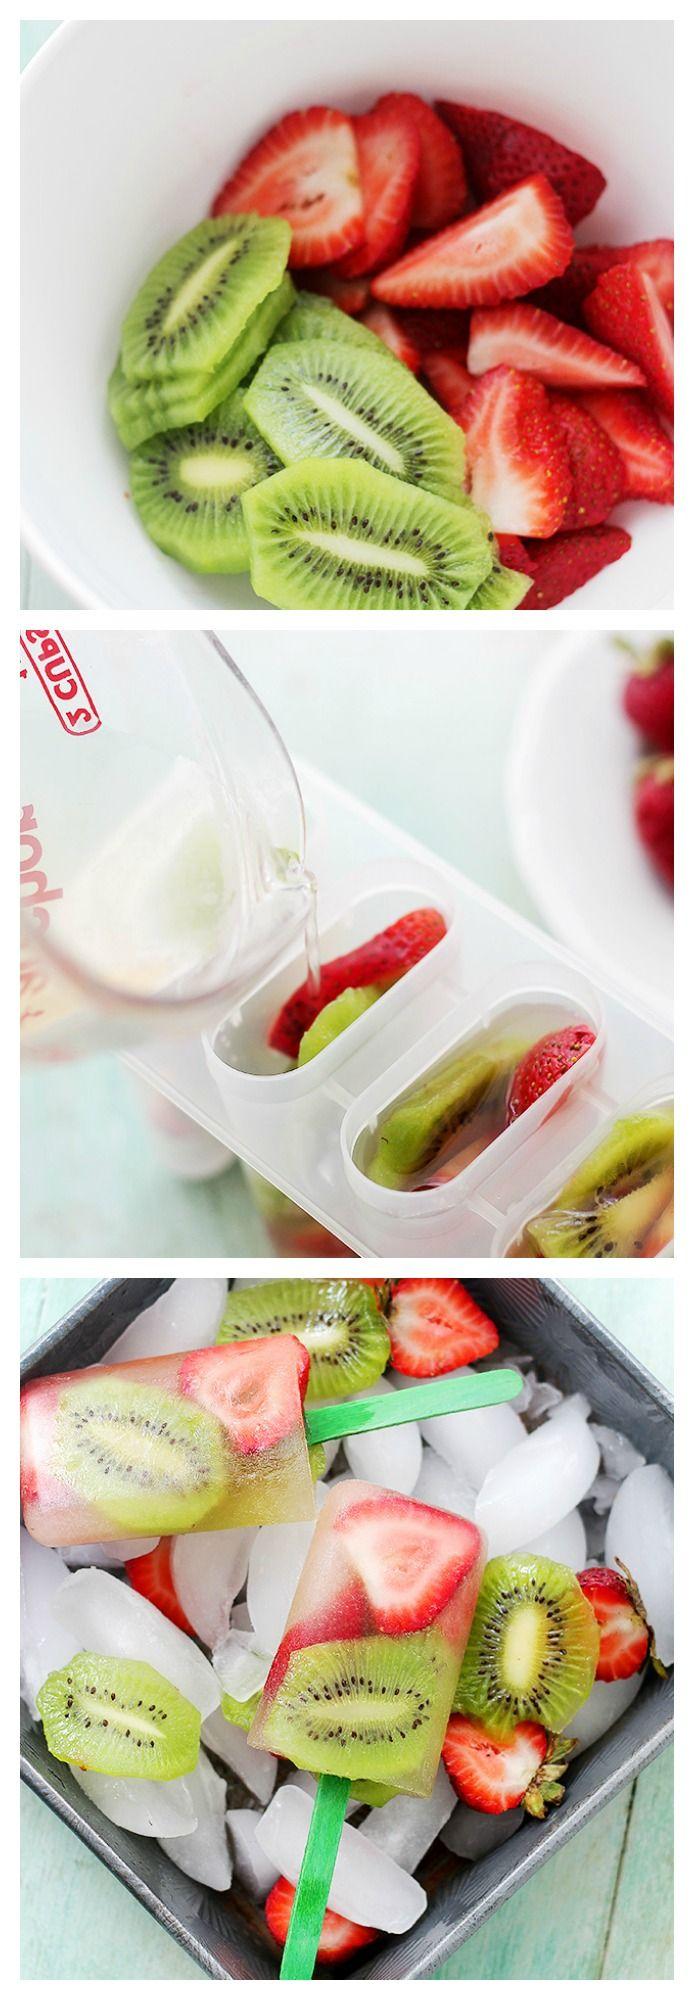 Helados naturales de Frutillas + Kiwi para sobrevivir al verano. ¡Fáciles de hacer, deliciosos y saludables! #saludable #estudiantes #umayor